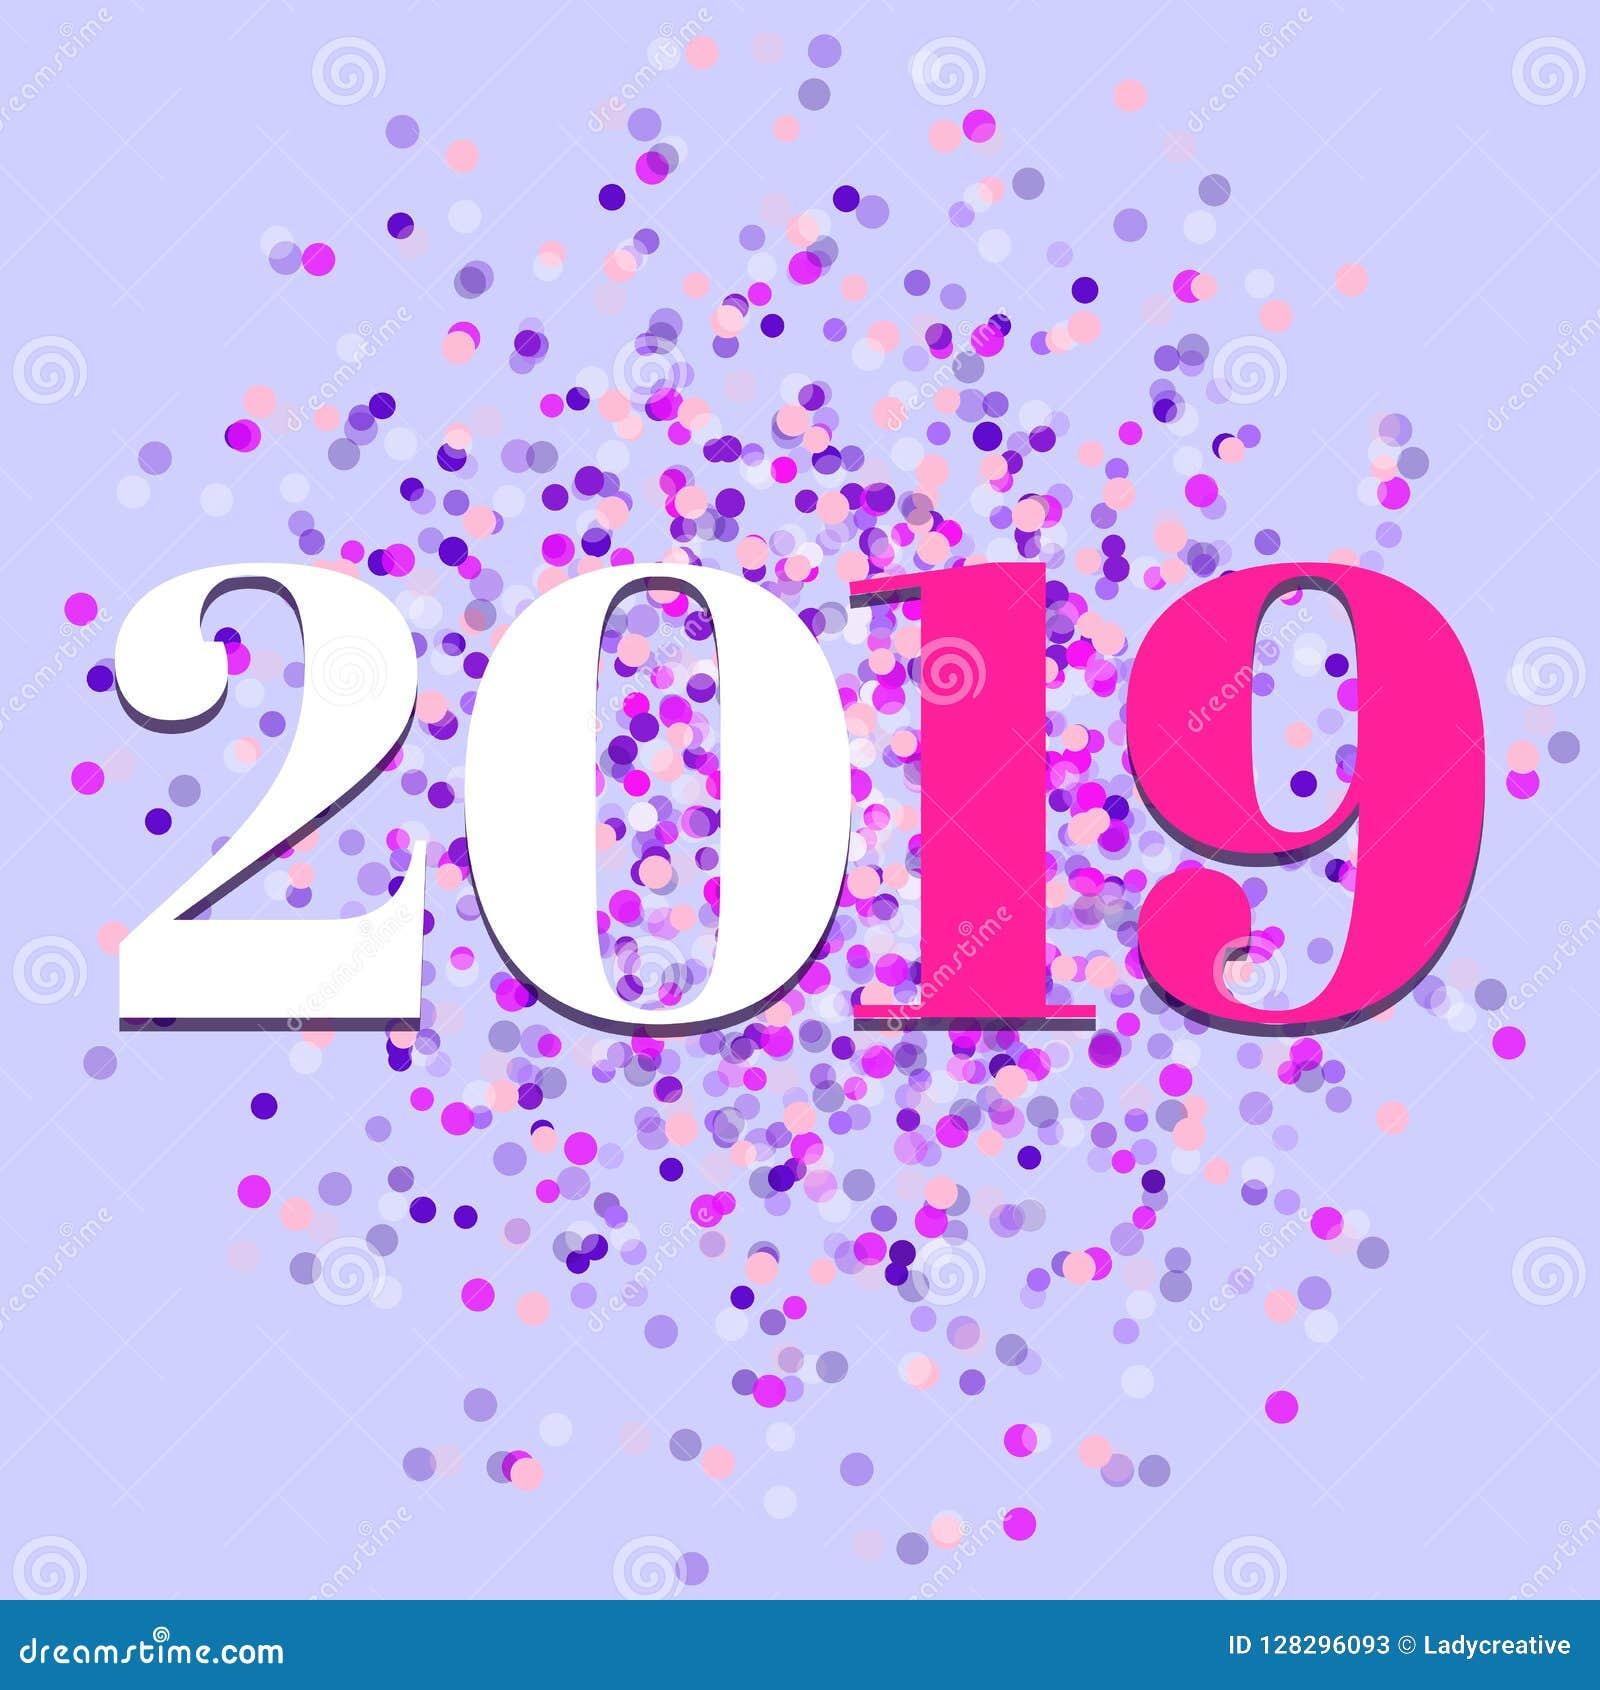 2019, ano novo, vetor colorido dos confetes